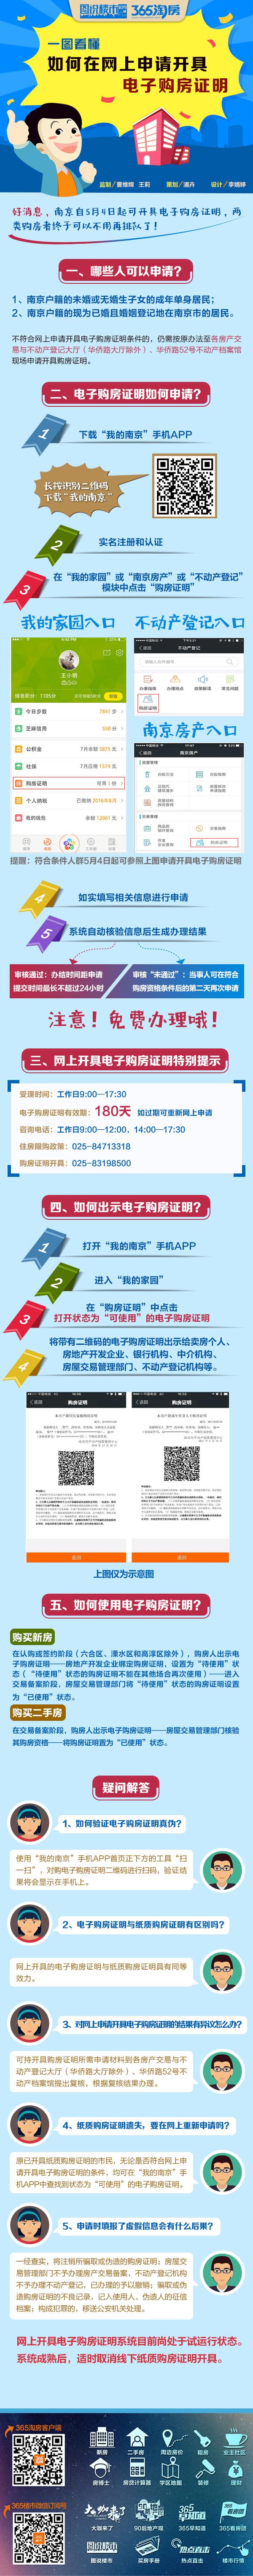 南京电子购房证明上线 一图看懂如何办理